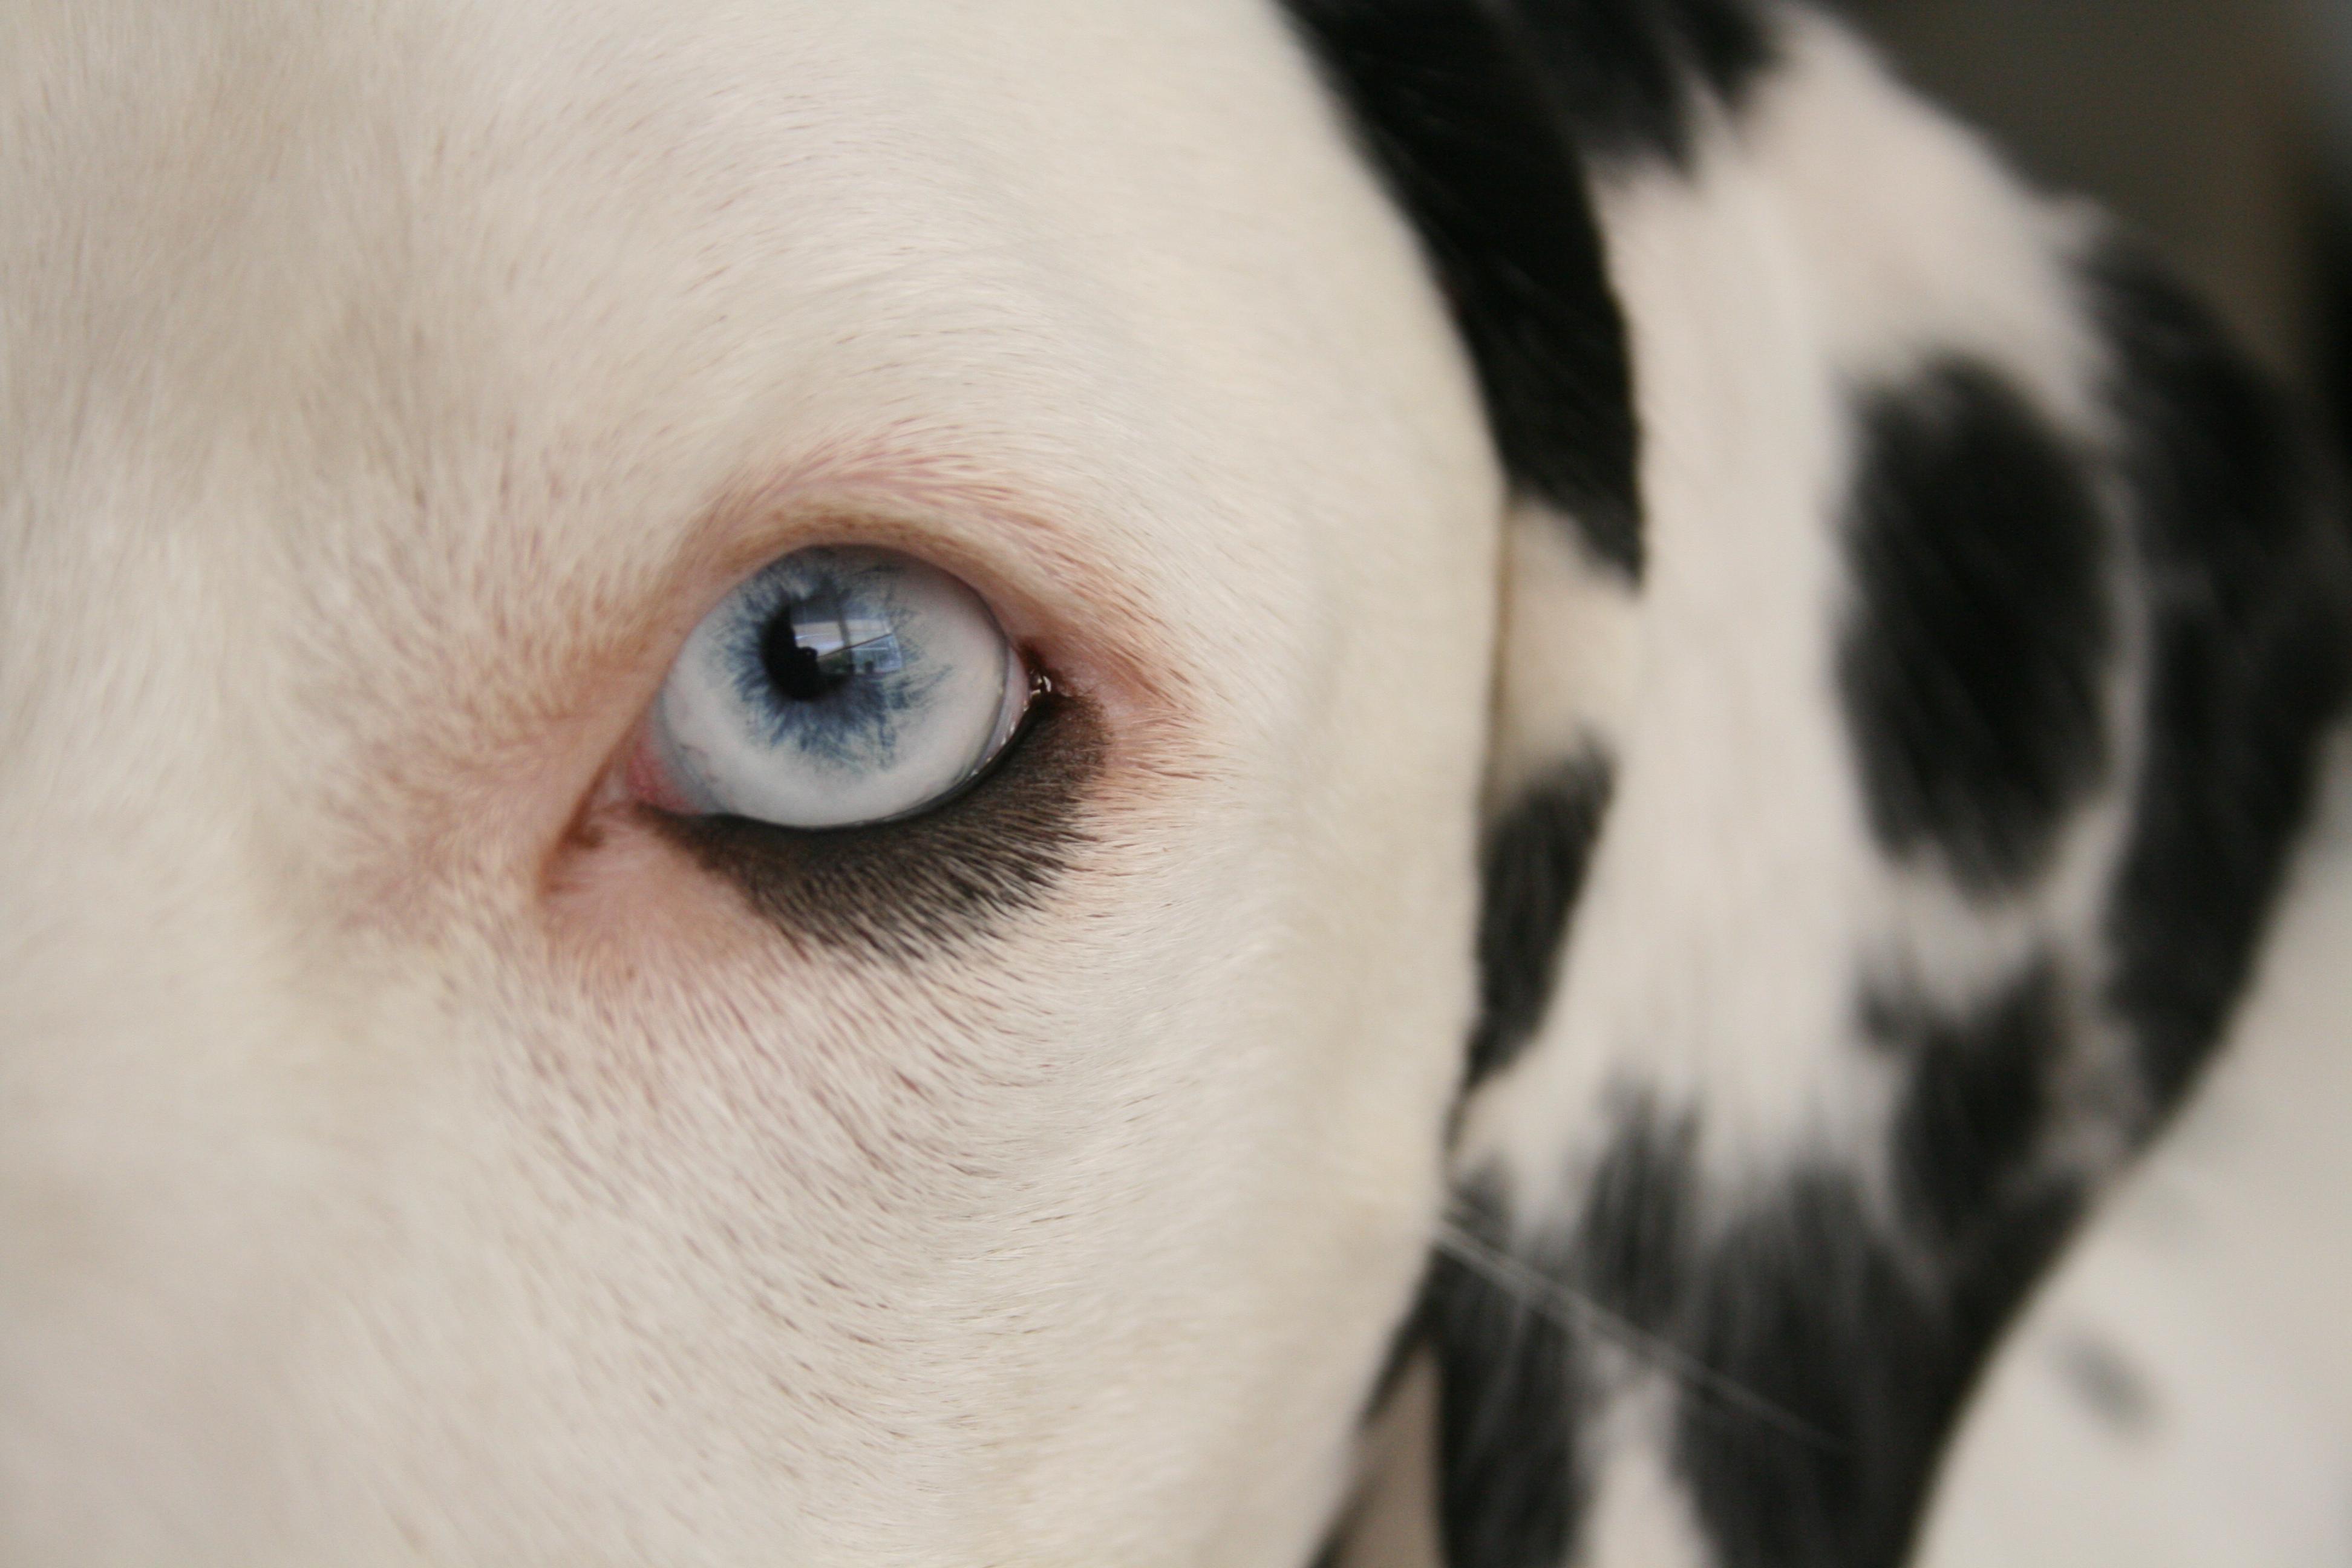 http://farm4.static.flickr.com/3139/2583140302_ef69600e95_o.jpg